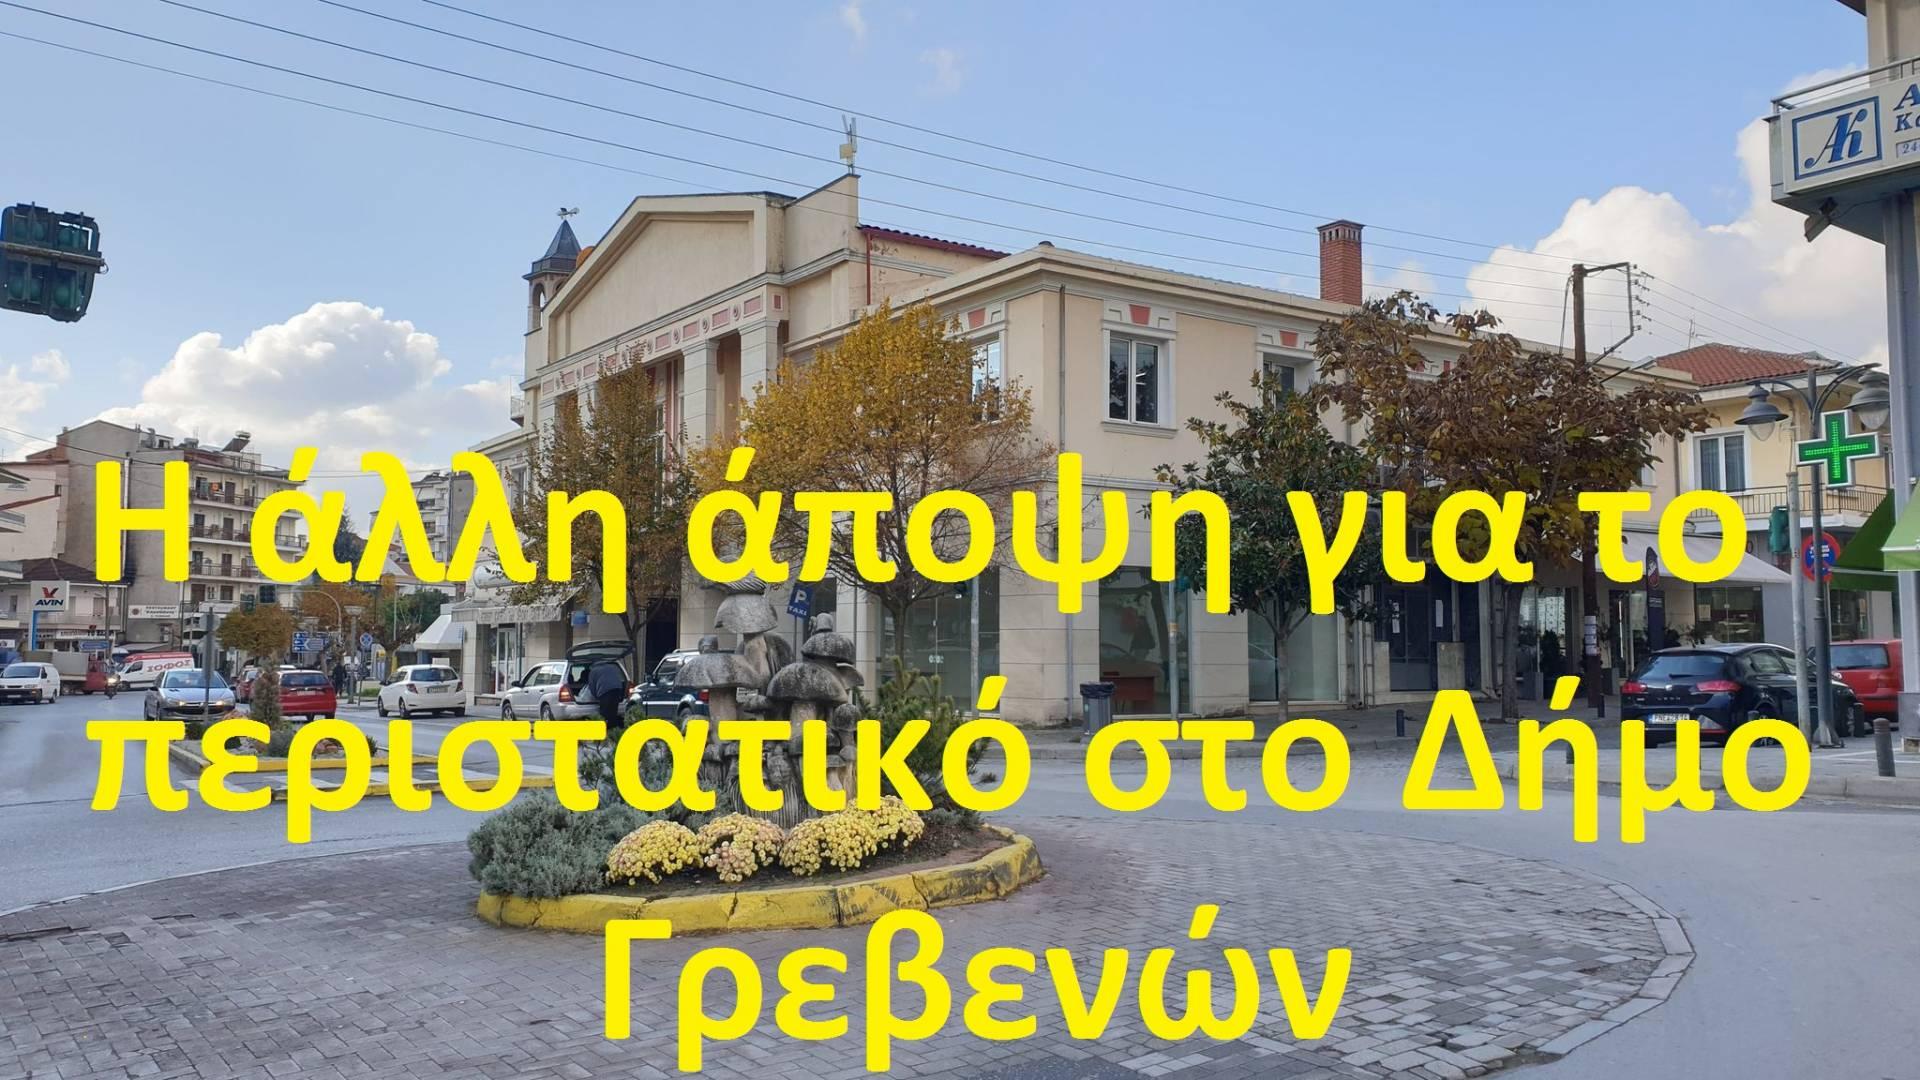 Η άλλη άποψη για το περιστατικό στον Δήμο Γρεβενών (Τι ισχυρίζονται ο κ. Δασταμάνης , ο κ. Κατσάλης , ο κ. Αδάμος, ο κ.Τριγώνης και ο κ. Παλάσκας) *Του Βασίλη Τσεπίδη